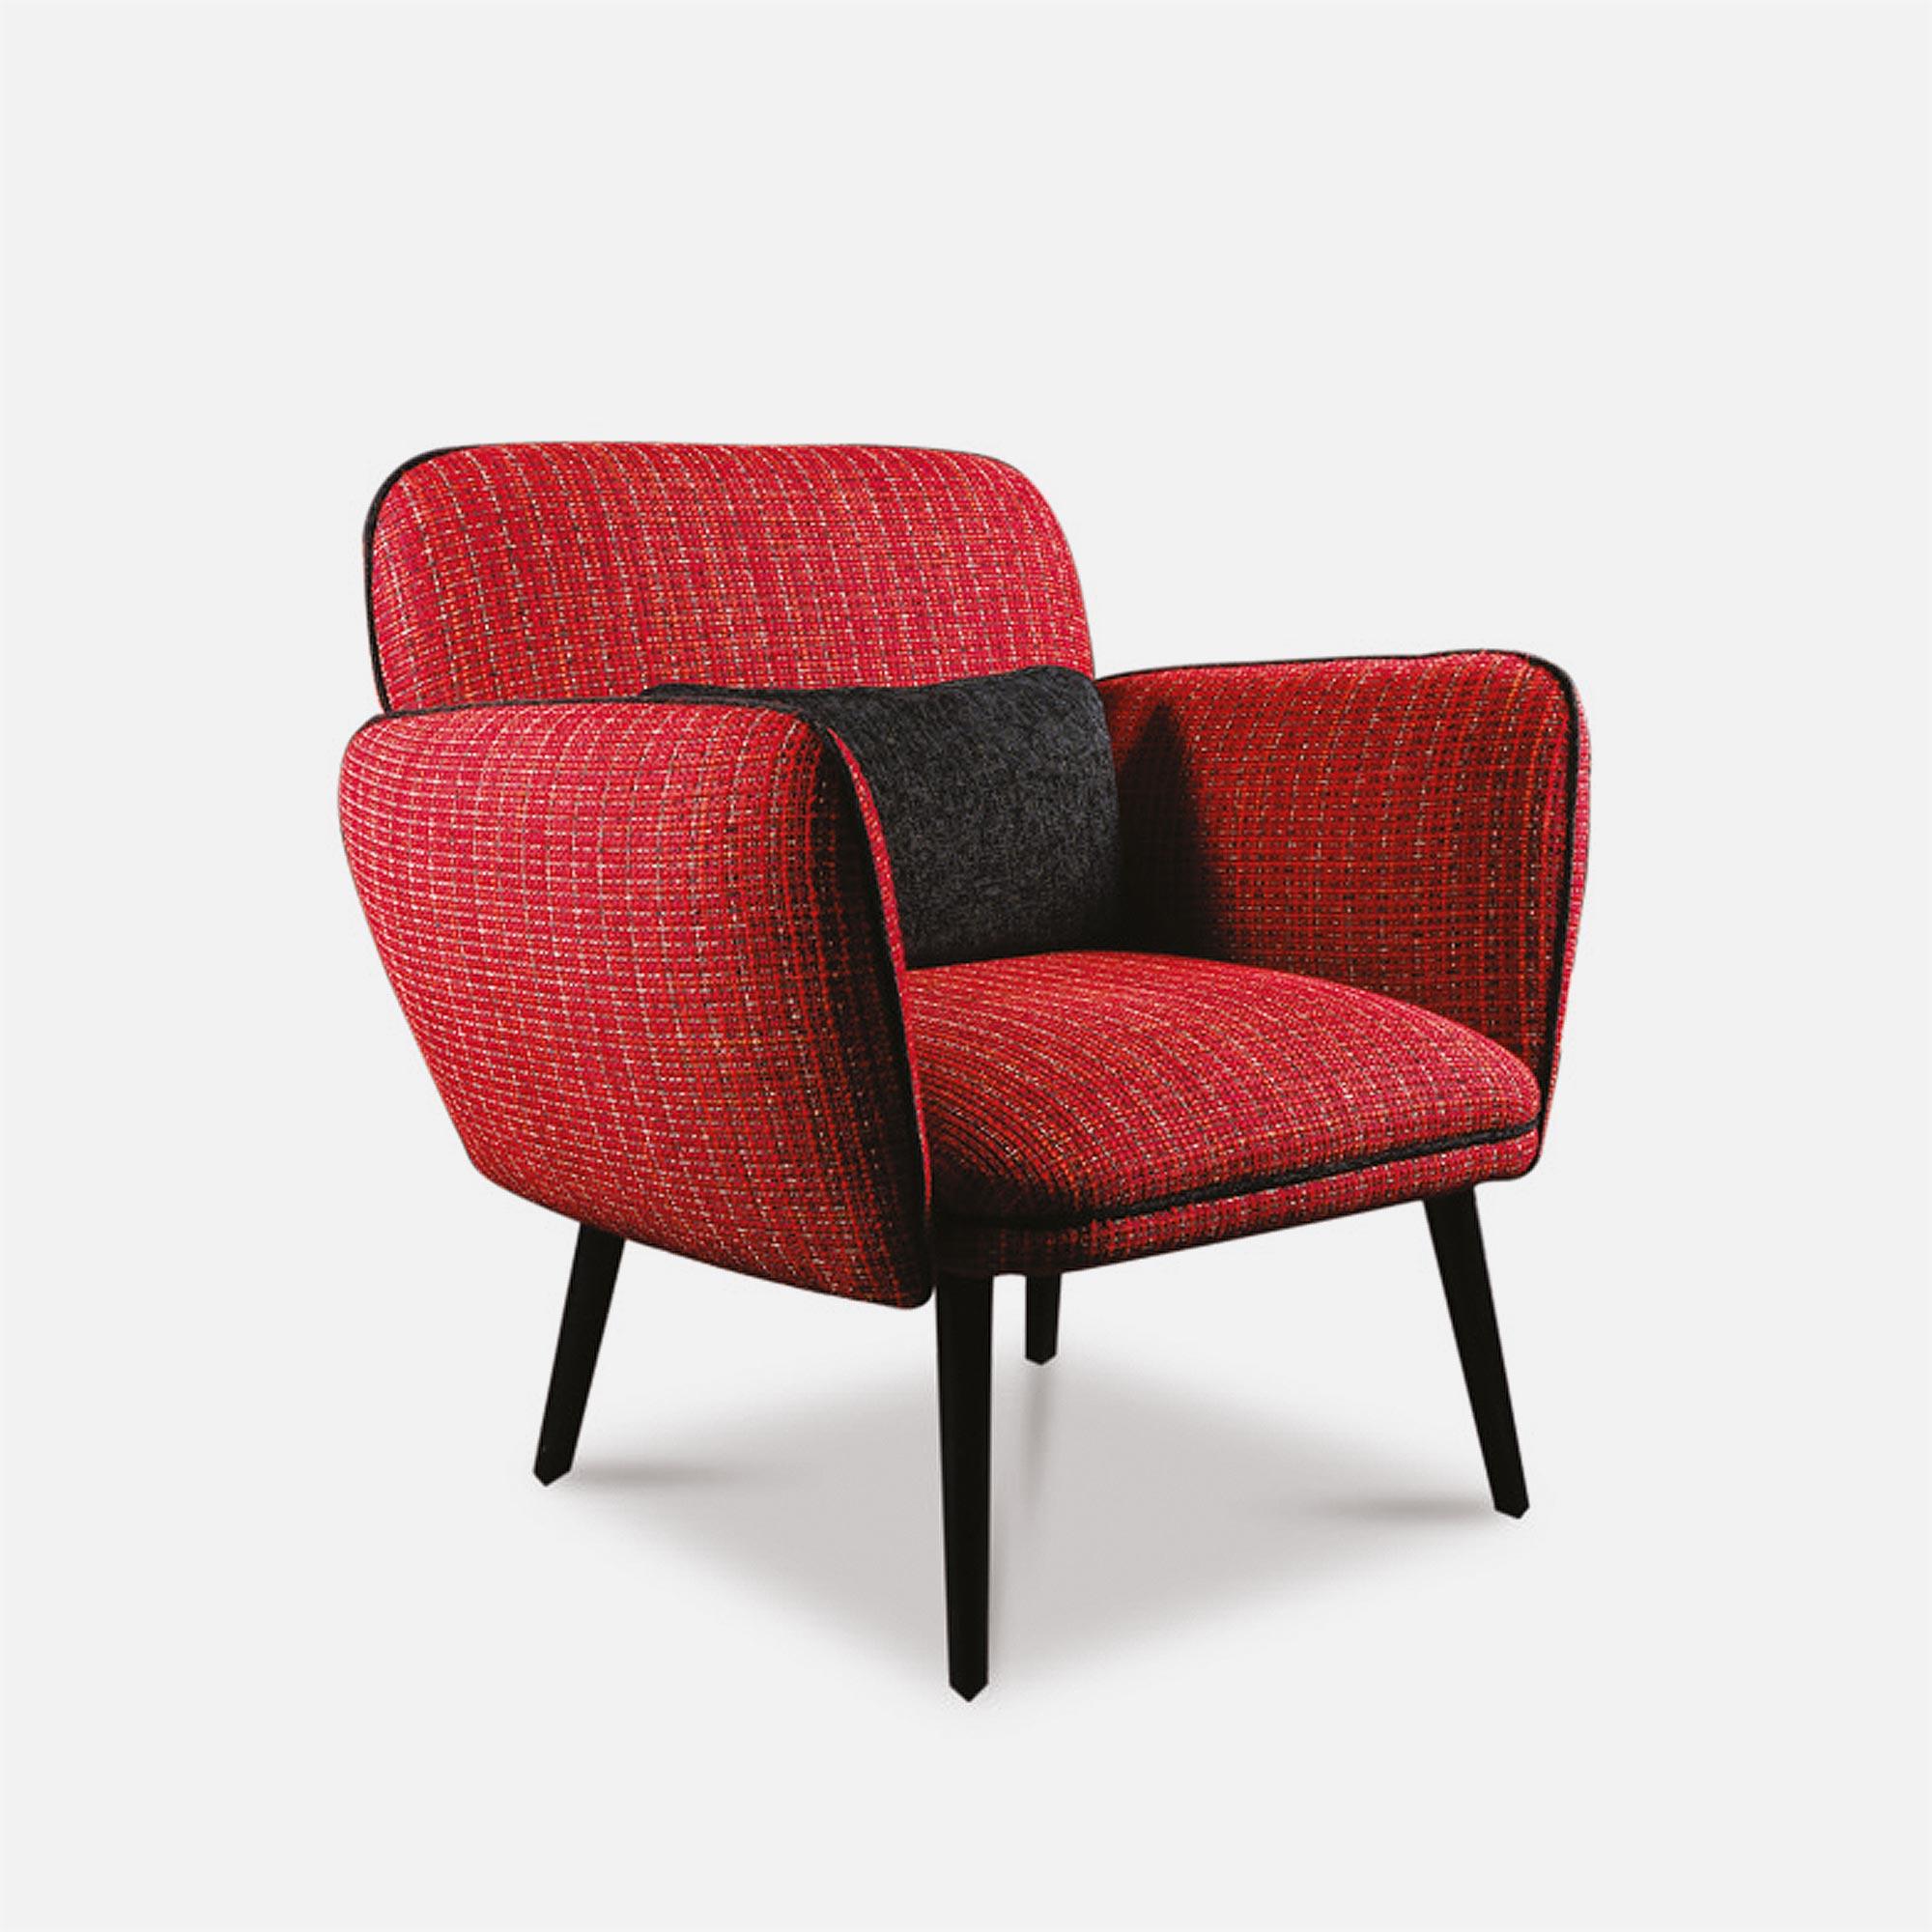 fauteuil confortable pour restaurant et h tel mellow collinet. Black Bedroom Furniture Sets. Home Design Ideas